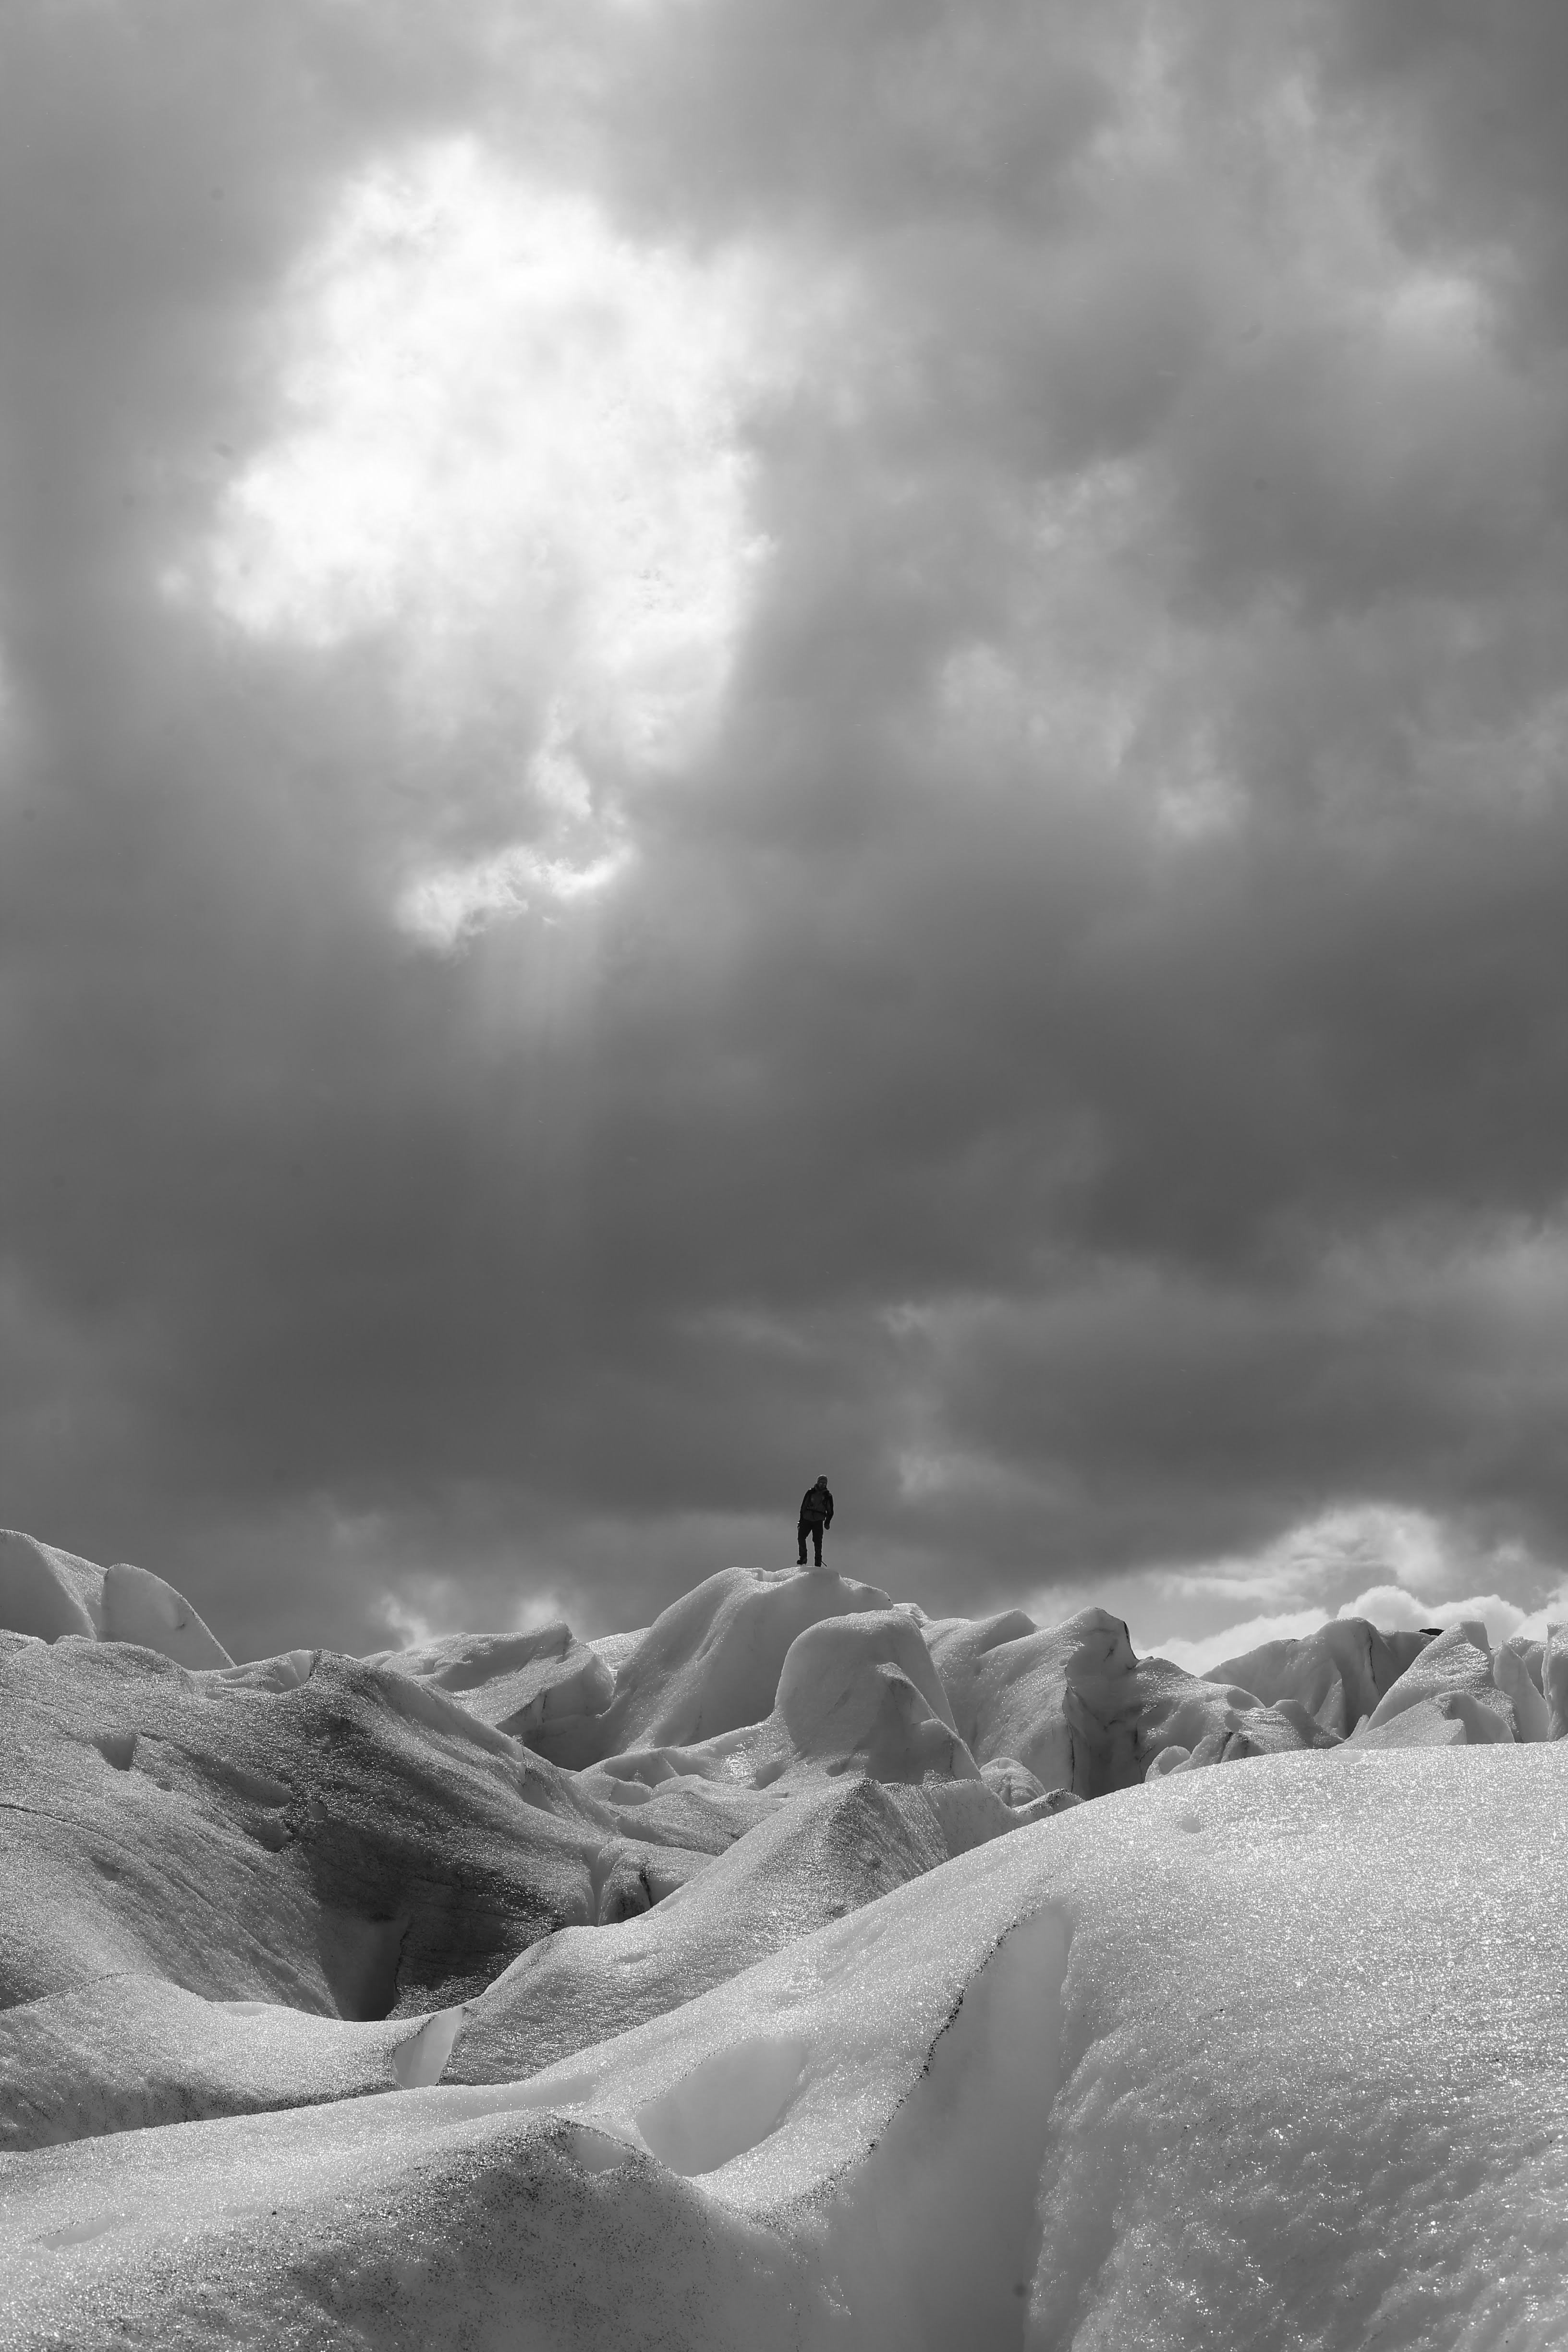 79438 Заставки и Обои Лед на телефон. Скачать Лед, Зима, Снег, Силуэт, Разное, Одиночество картинки бесплатно